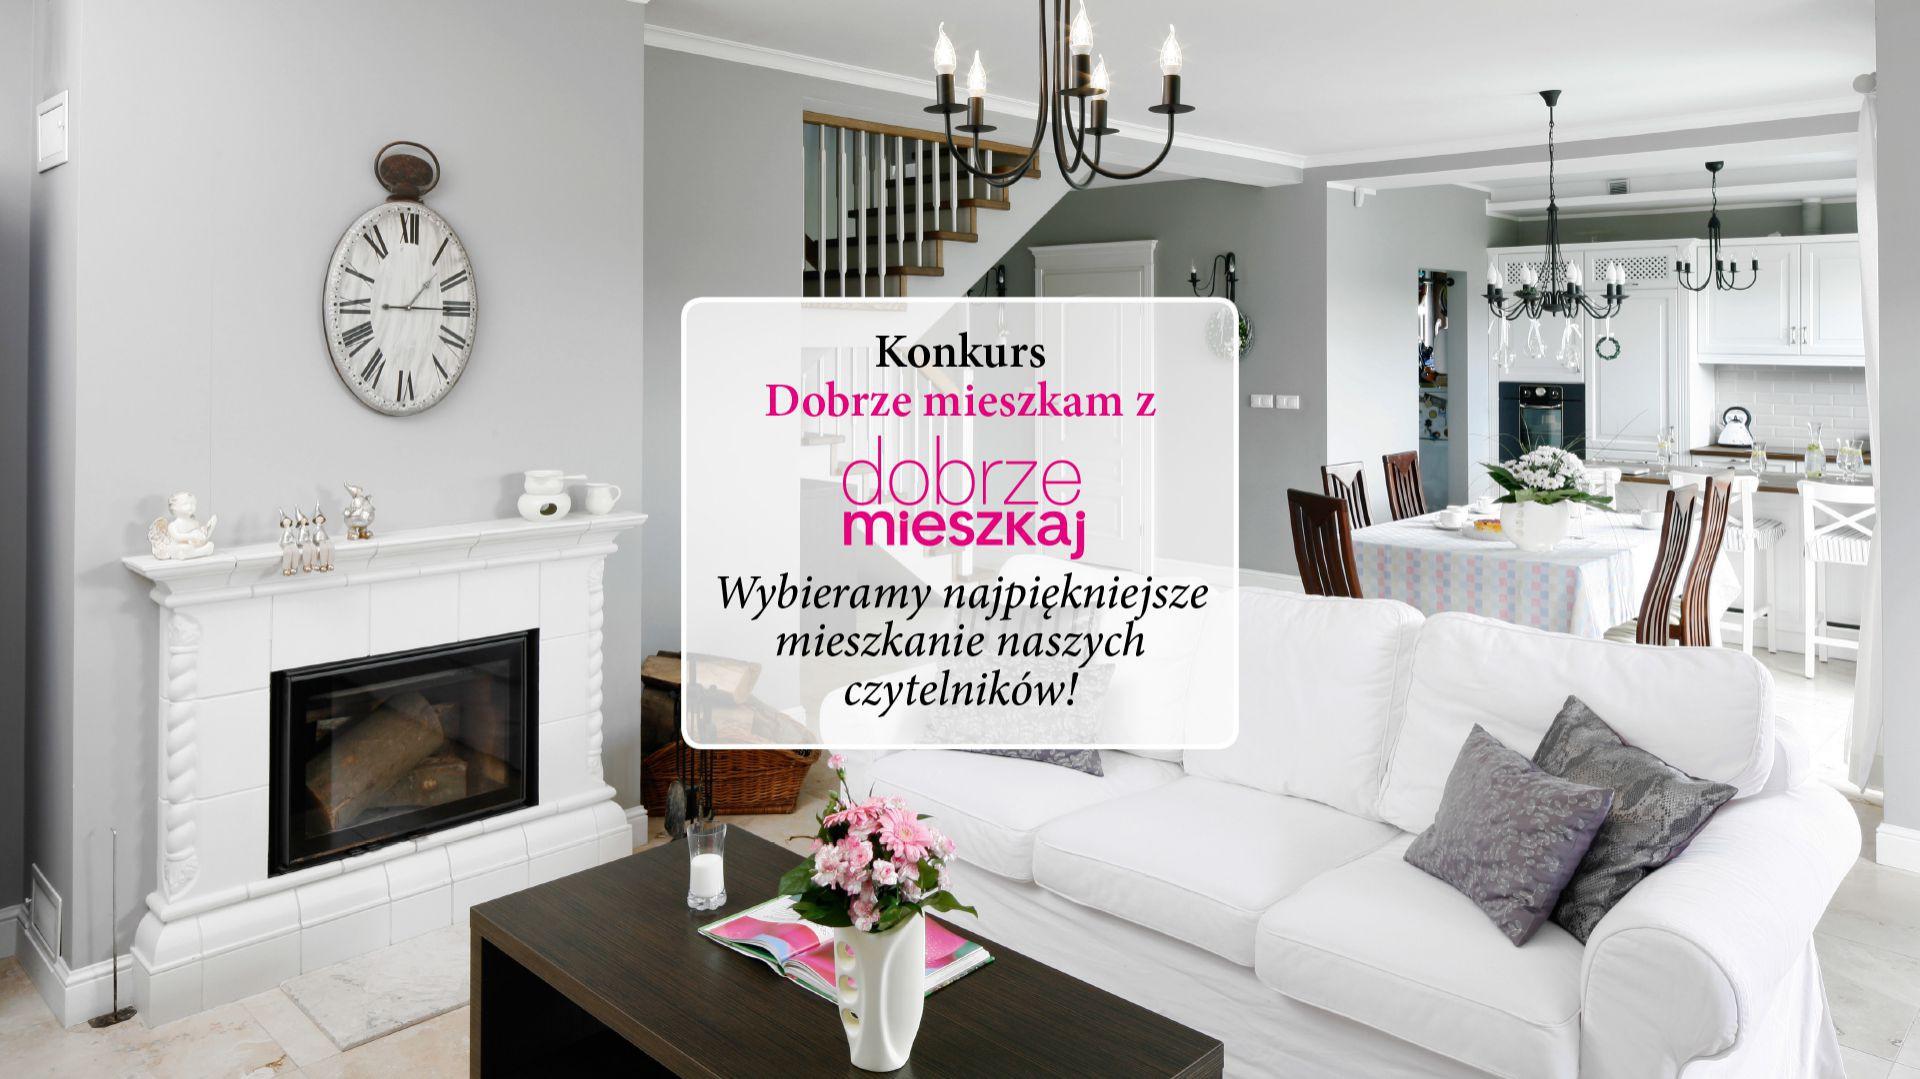 Konkurs czasopisma Dobrze Mieszkaj na najładniejsze wnętrza w Polsce.